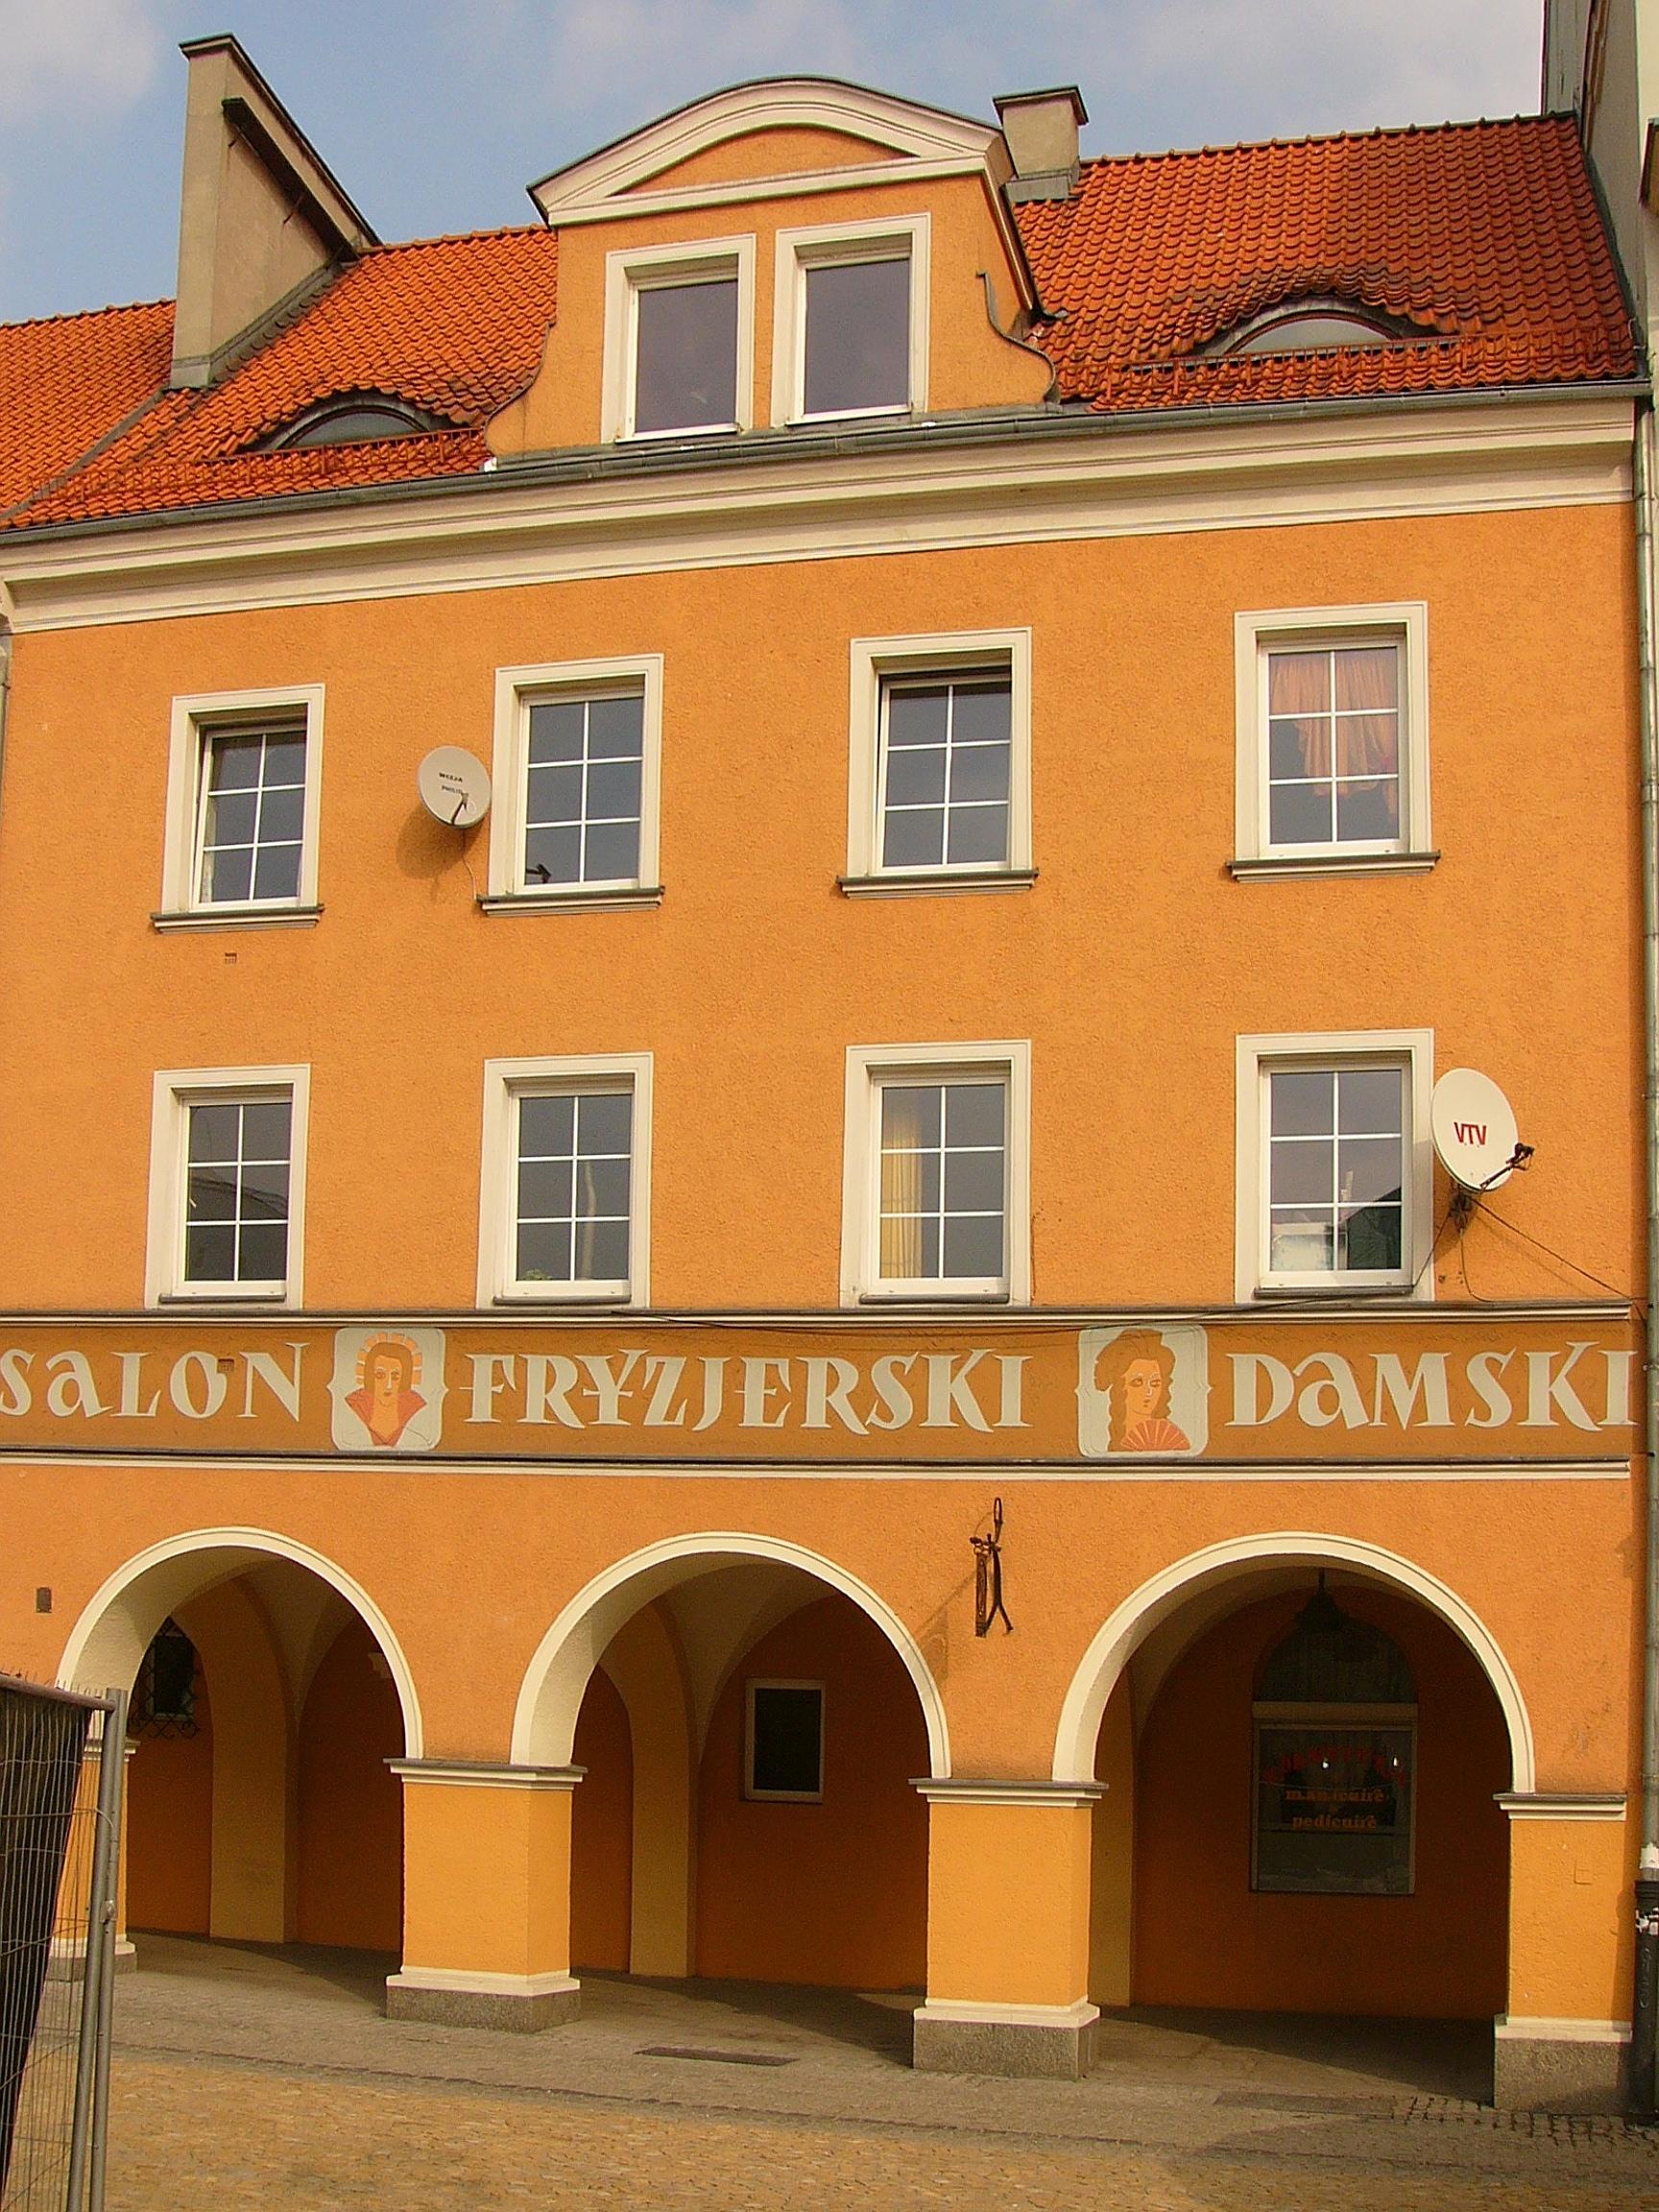 Plikrynek 17 Gliwicejpg Wikipedia Wolna Encyklopedia